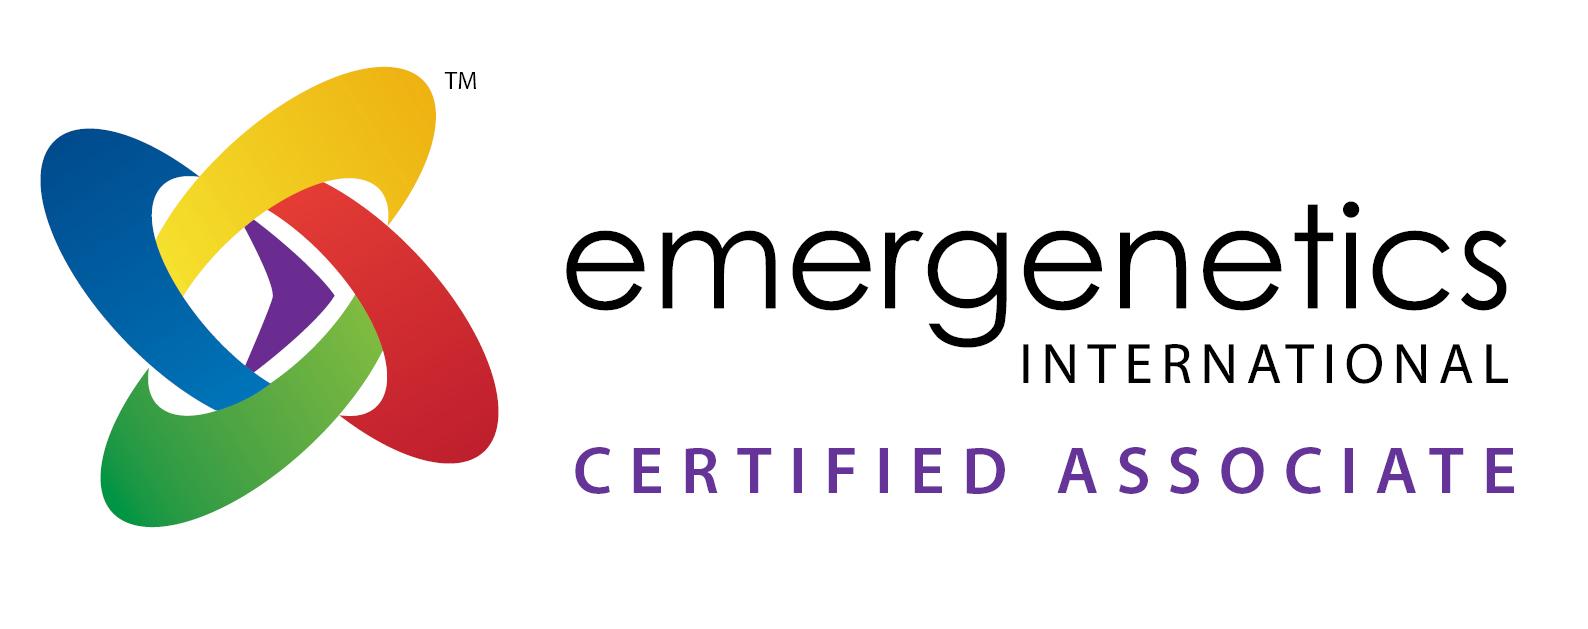 emergenetics Certified Associate Logo